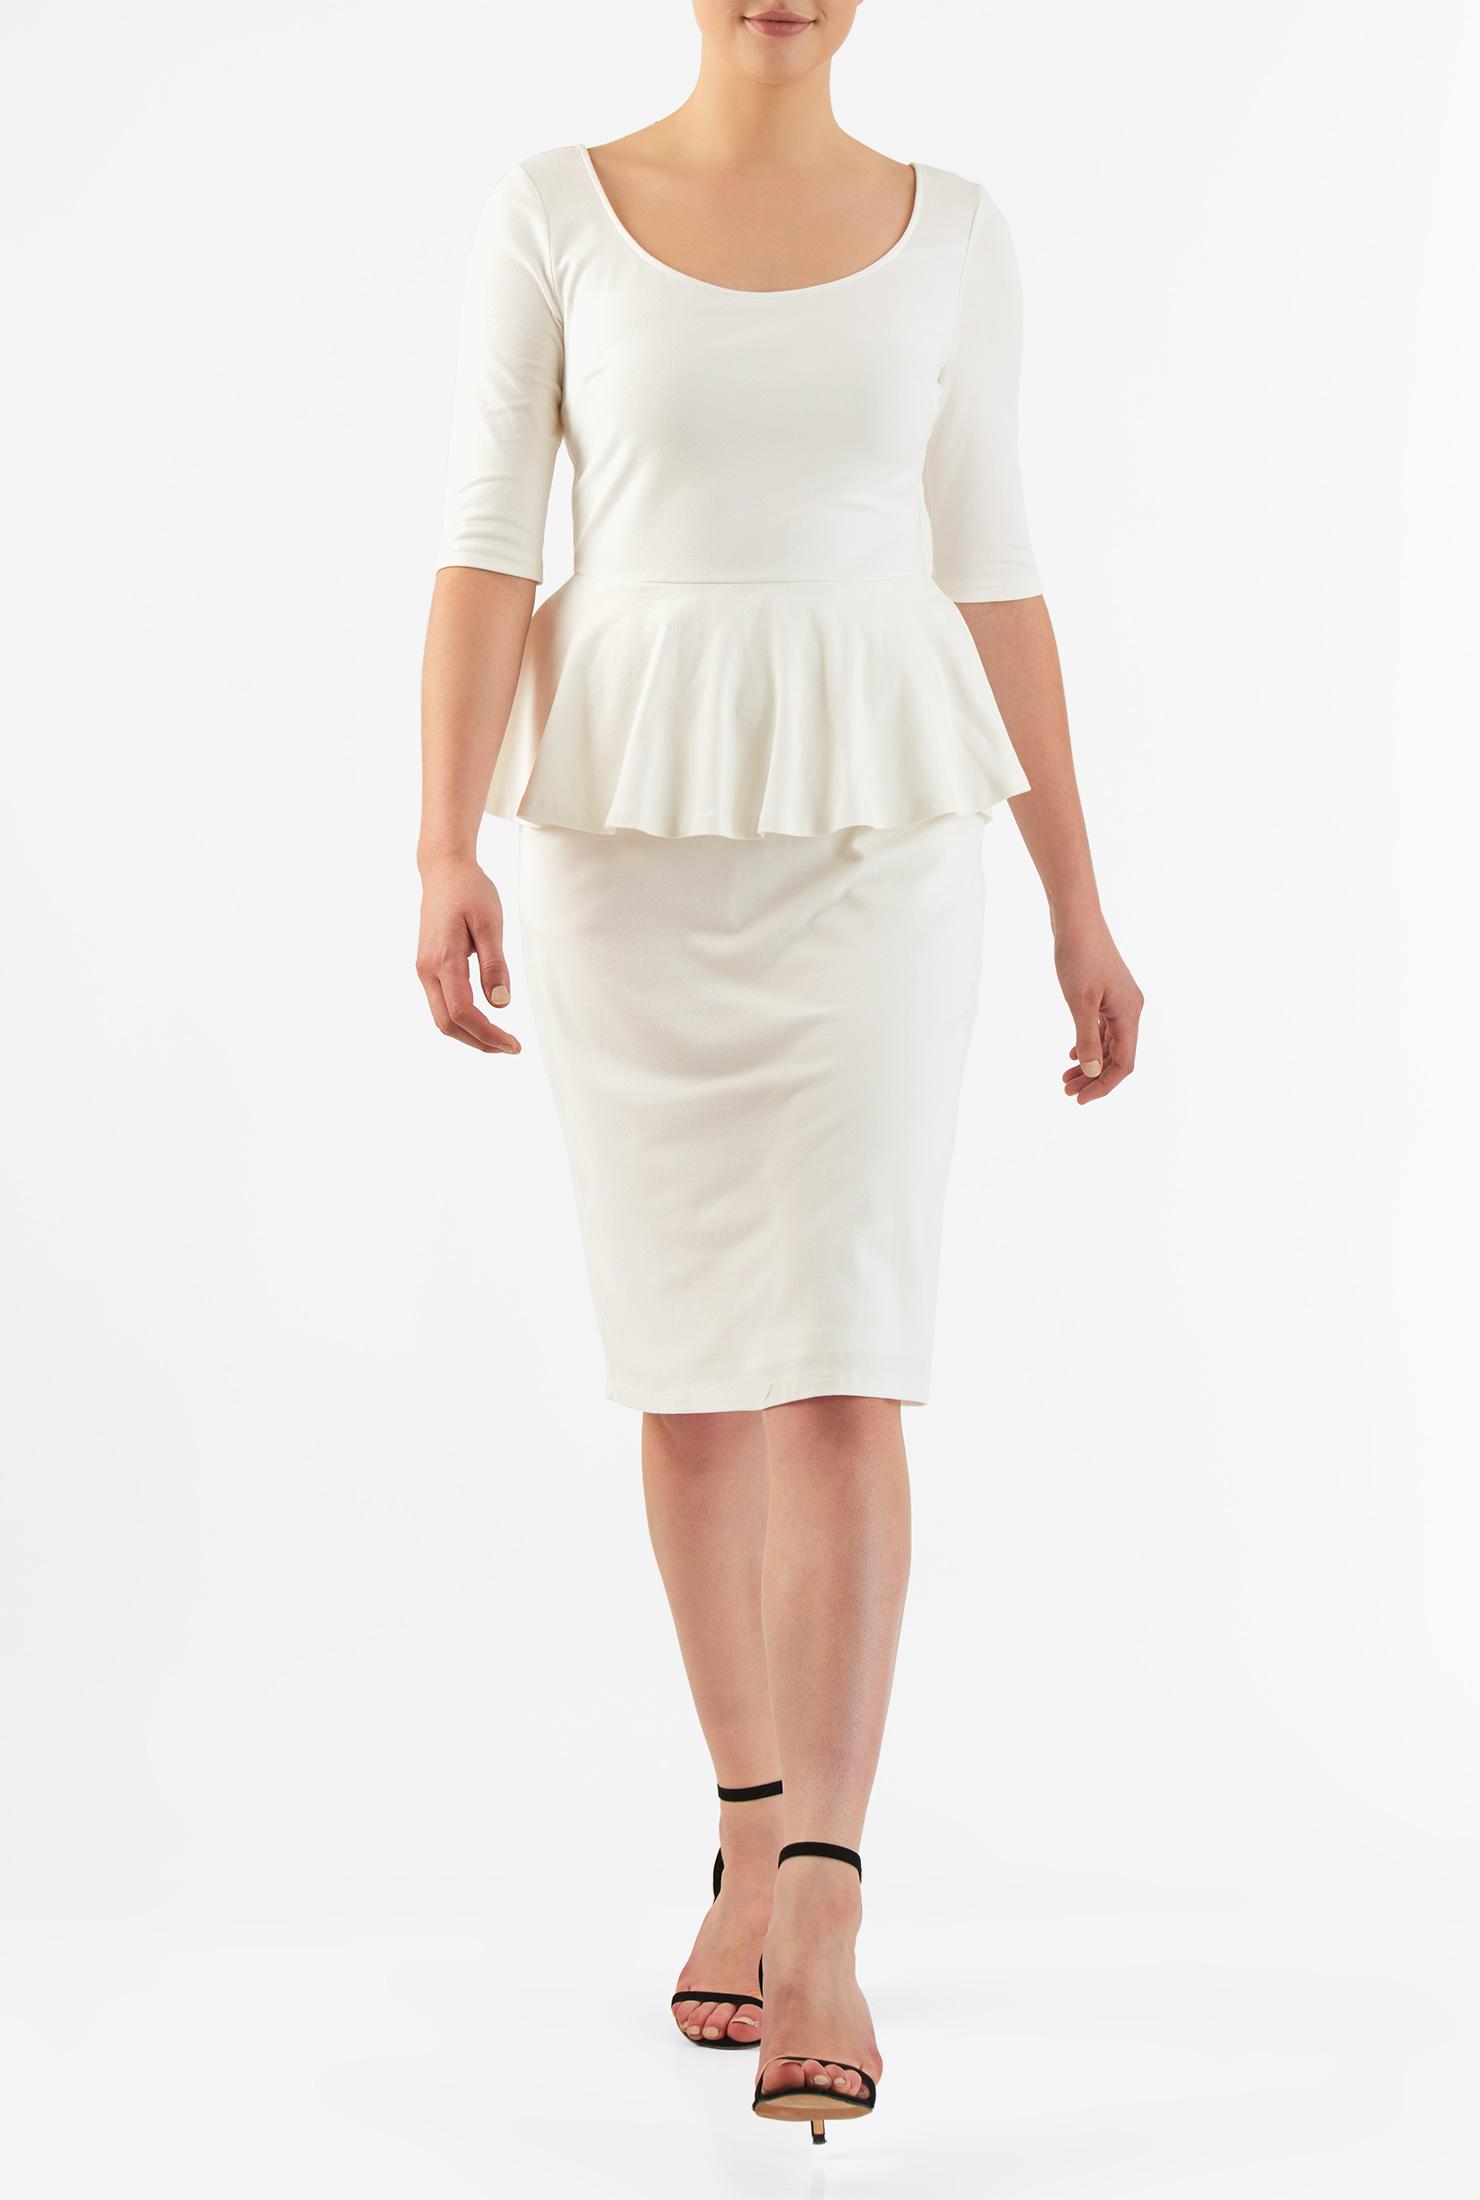 Eshakti Womens Peplum Waist Cotton Knit Sheath Dress